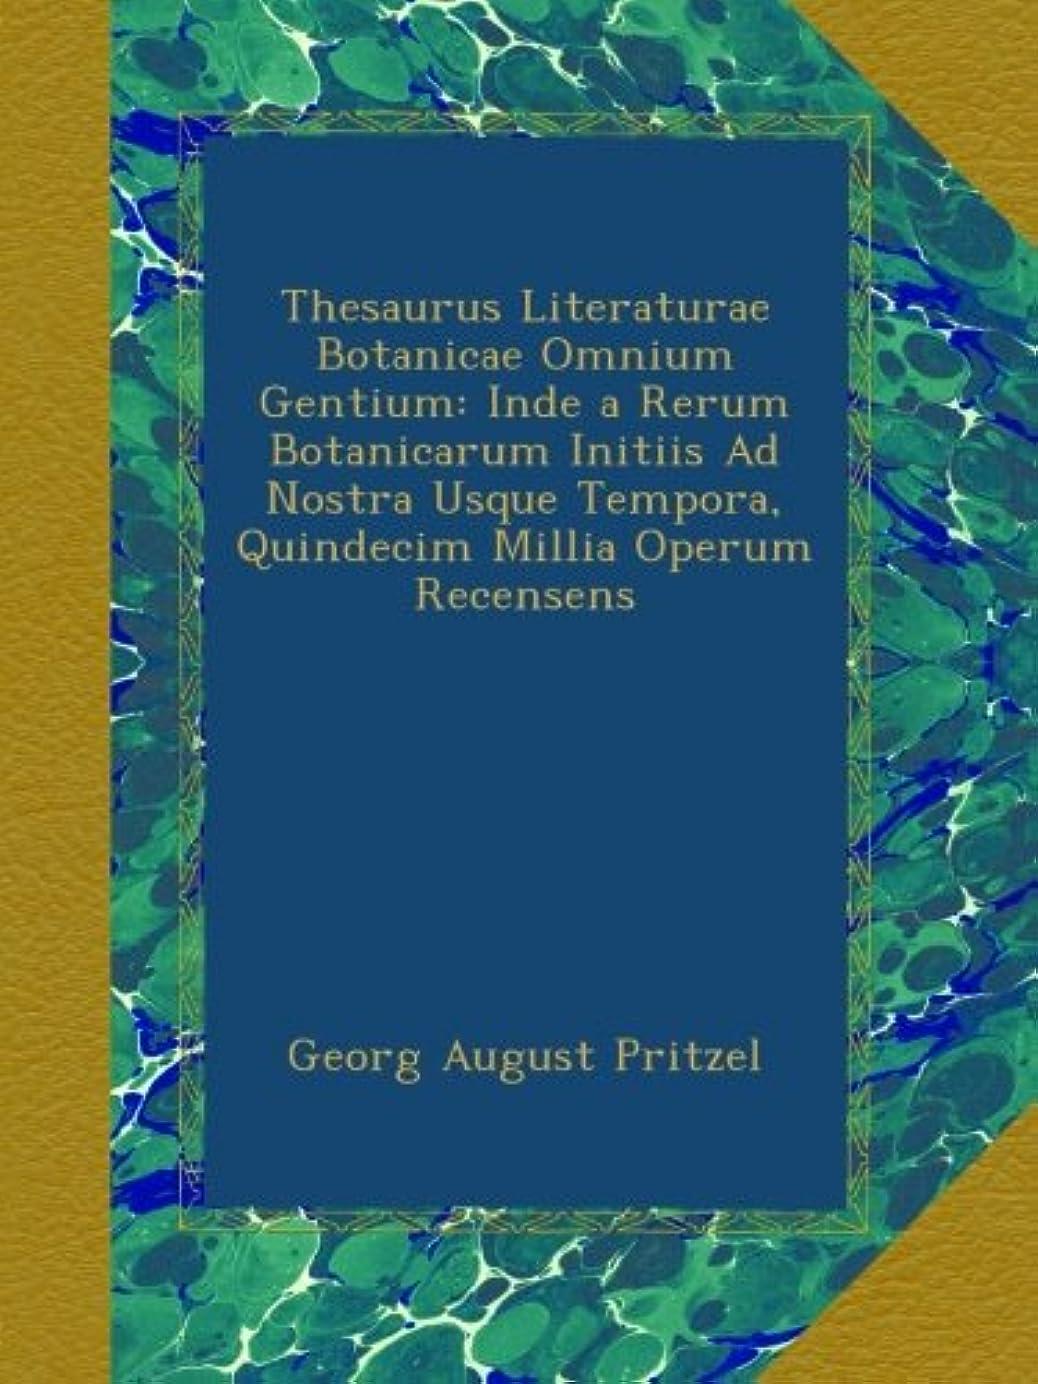 地域実証するエイズThesaurus Literaturae Botanicae Omnium Gentium: Inde a Rerum Botanicarum Initiis Ad Nostra Usque Tempora, Quindecim Millia Operum Recensens